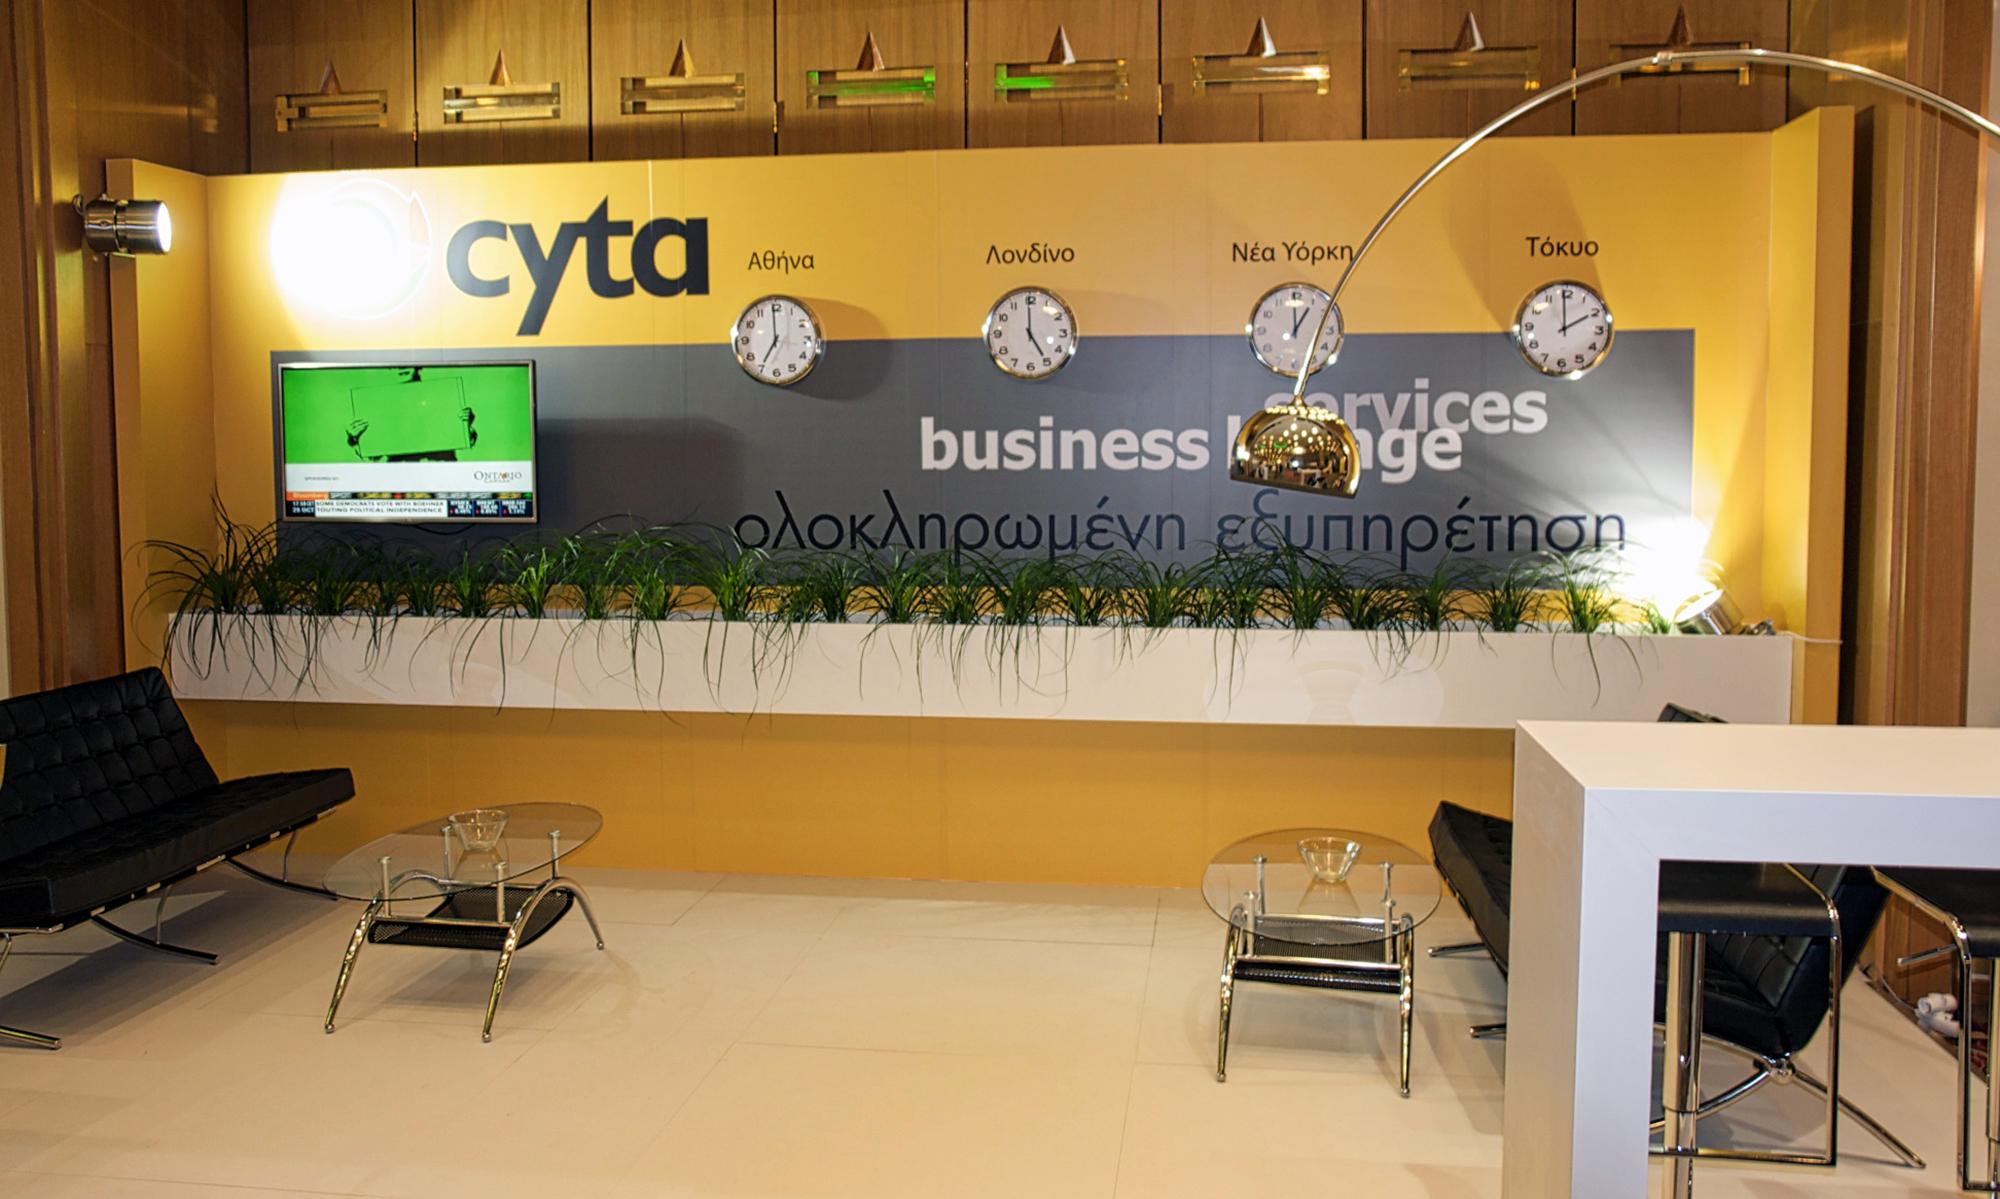 cyta-2000a